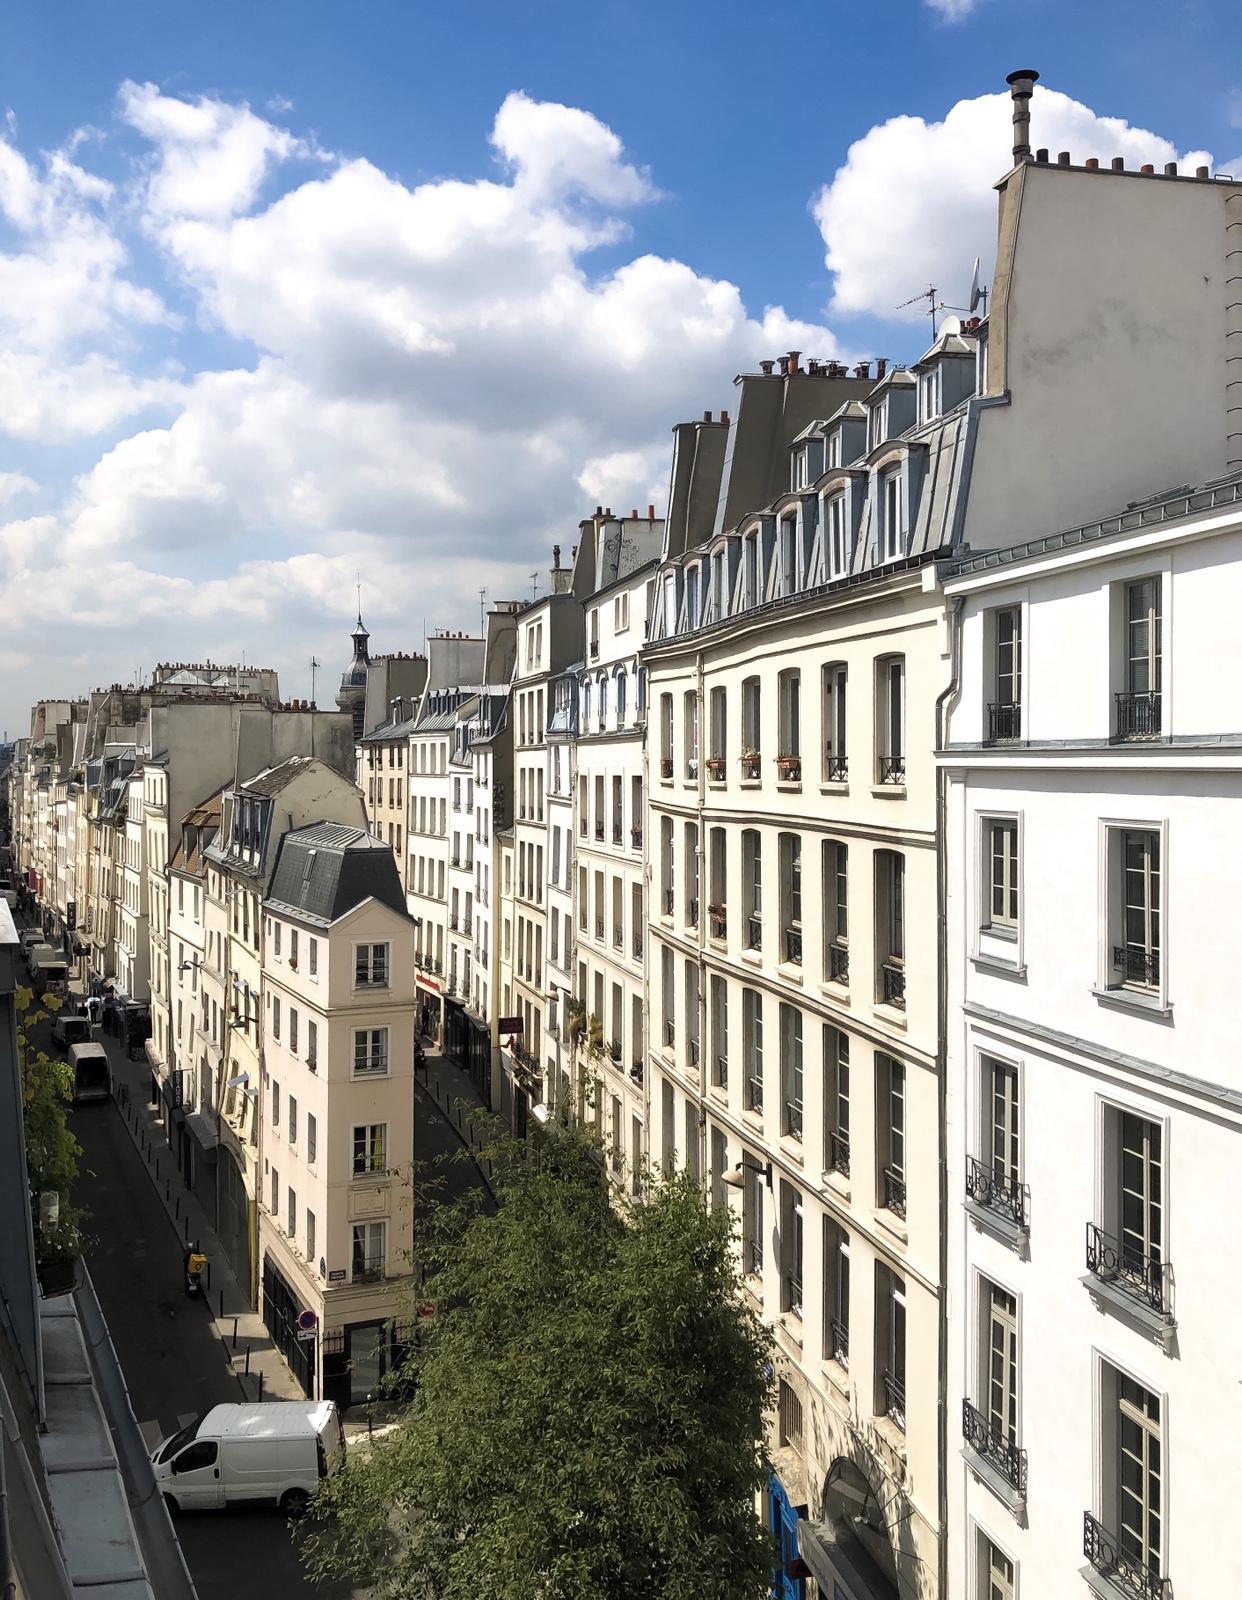 Paris-Reiseguide-Travelblog-Wochenendtrip-Frankreich-Sightseeing-Miss-Suzie-Loves-Reiseblog-Reisetipps-Susanne-Heidebach.jpg